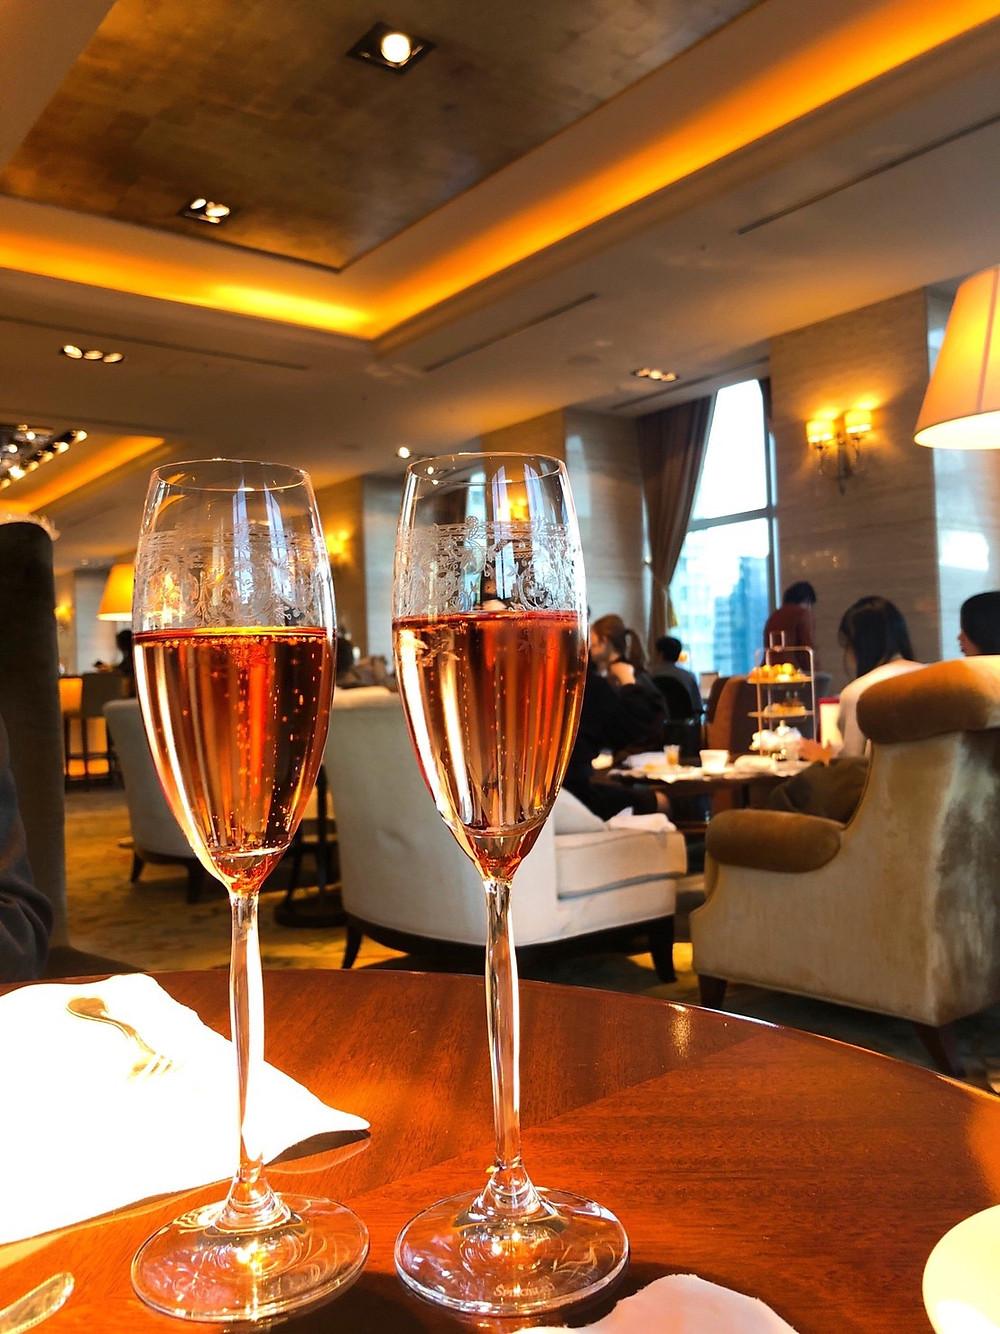 シャングリ・ラホテル東京のザ・ロビーラウンジでのシャンパン